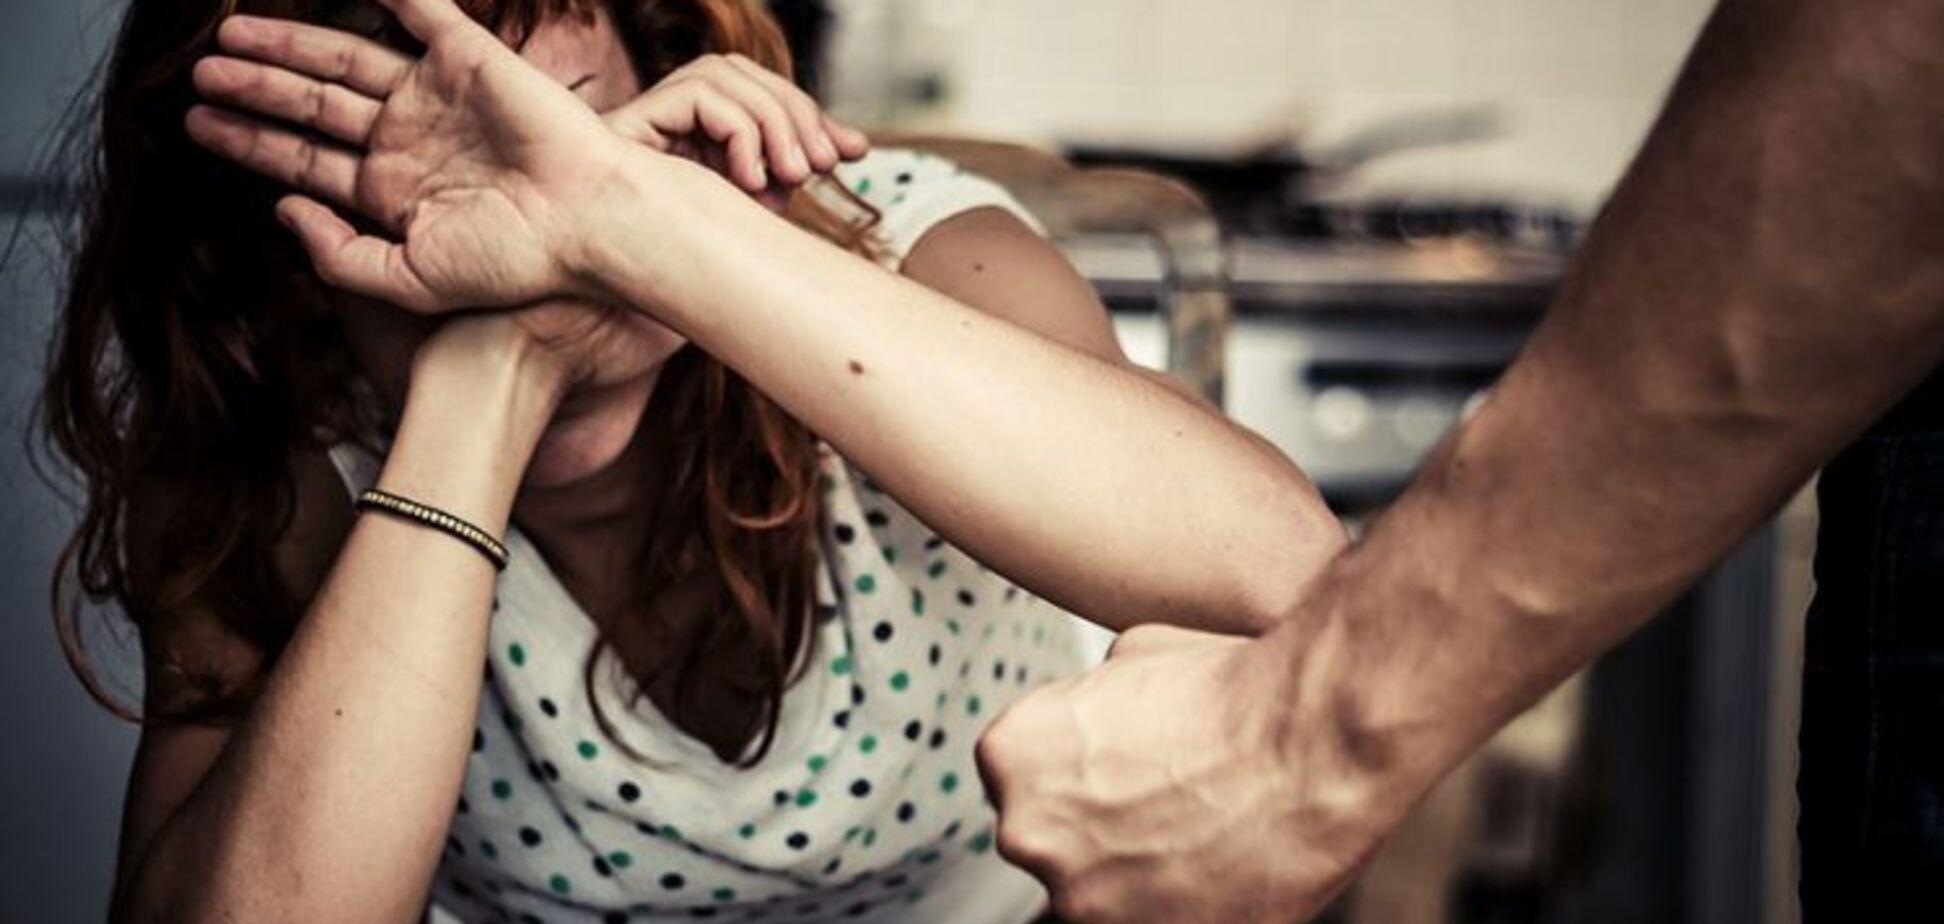 Бив кулаками: в Дніпрі чоловік напав на жінку посеред вулиці